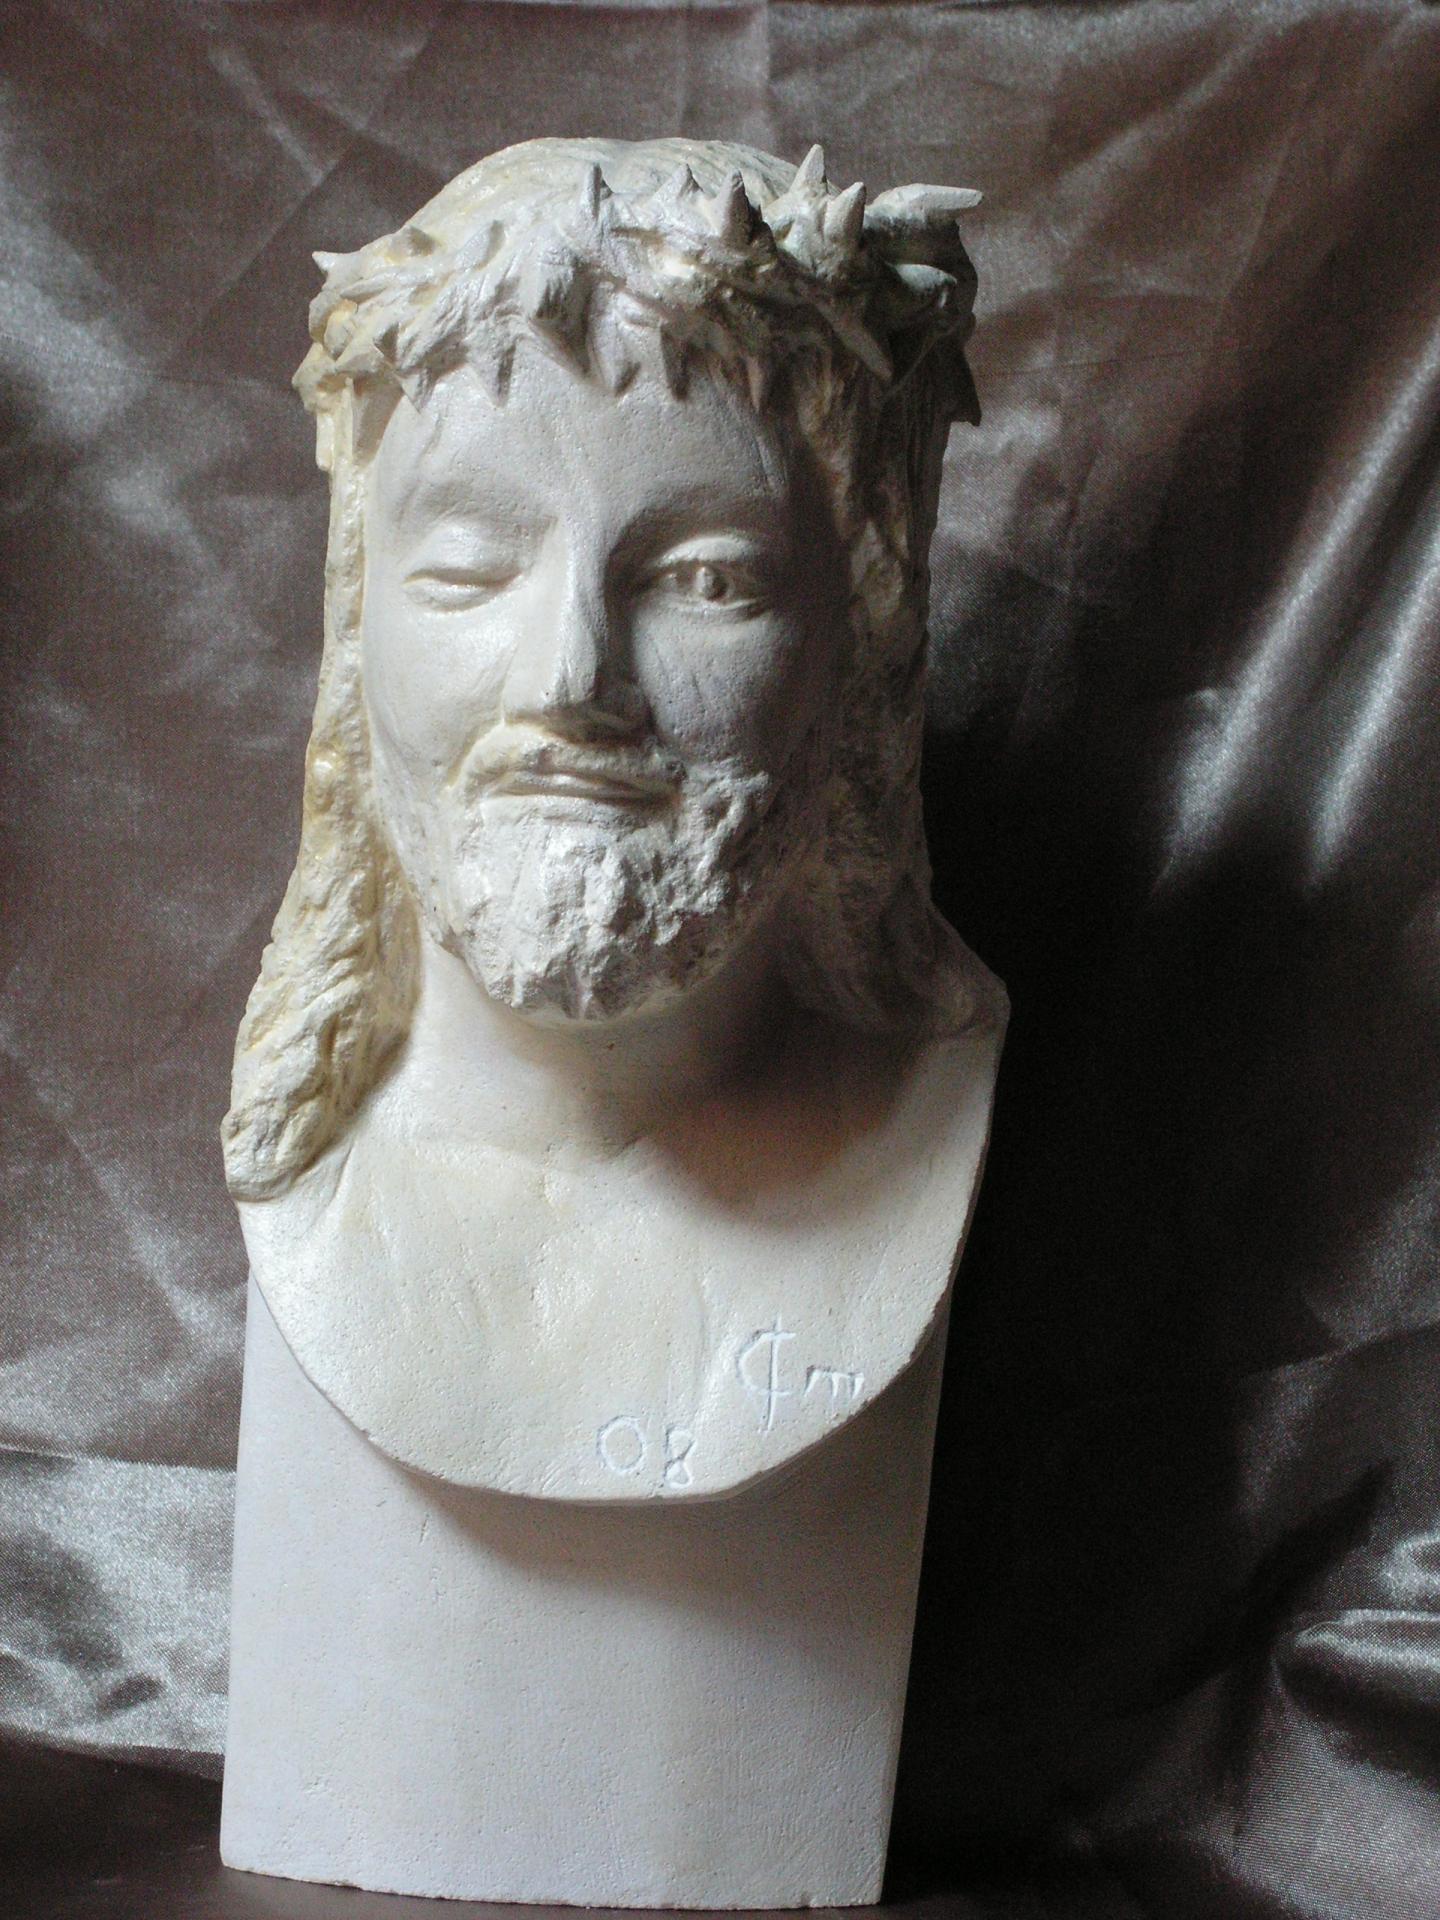 Buste d un christ couronne d epine 30cm 2